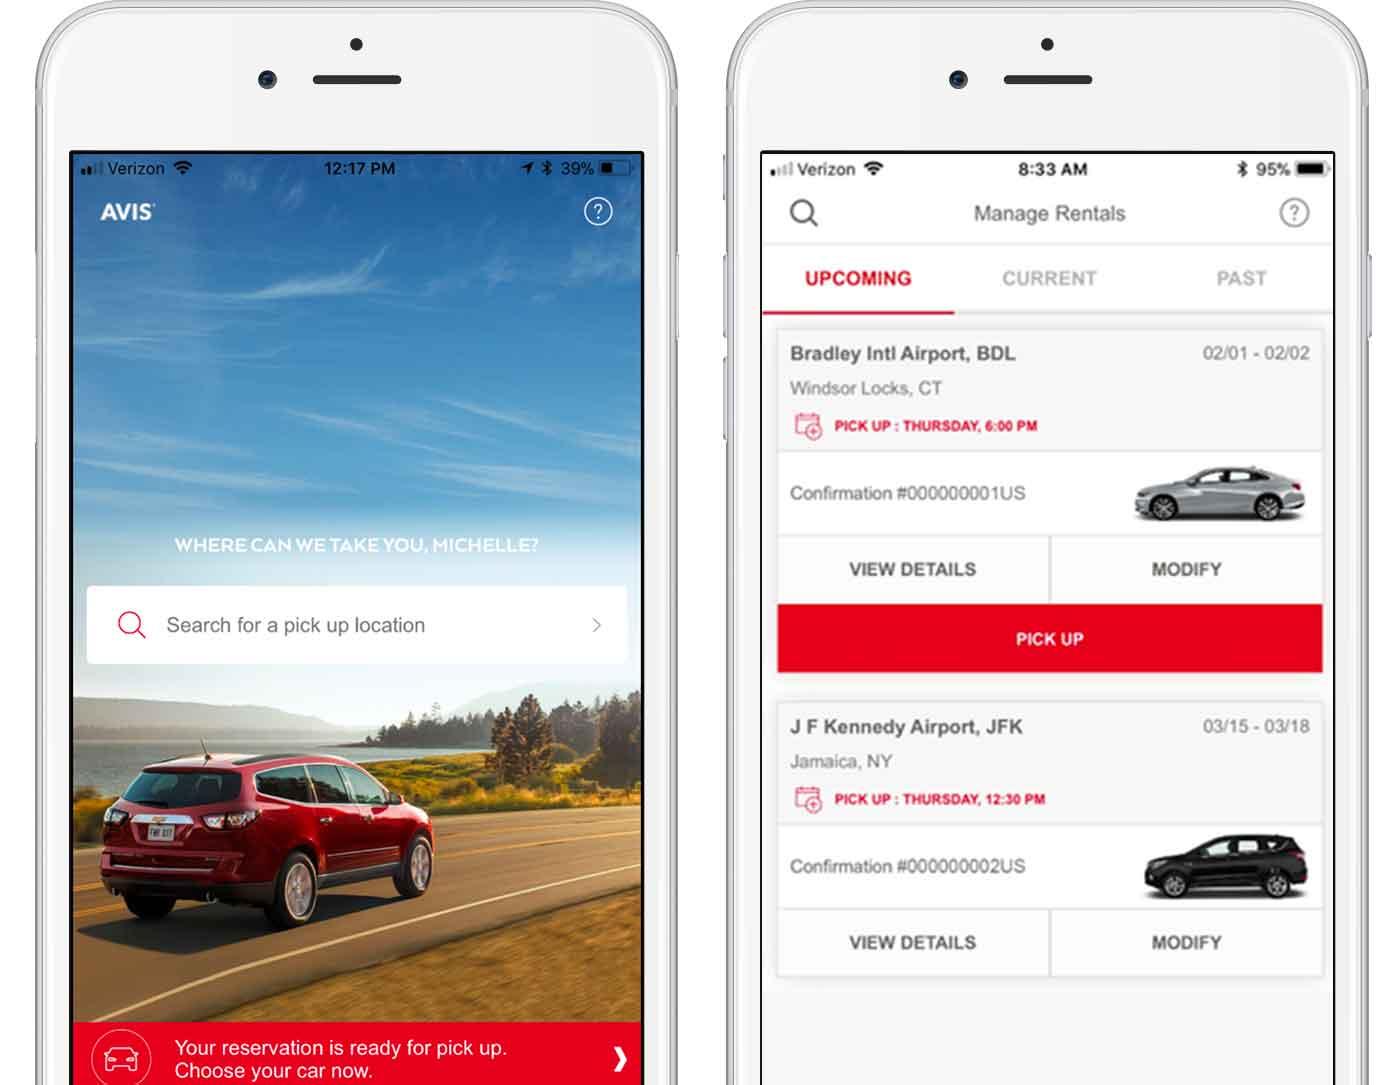 Il noleggio dei veicoli Avis semplificato da app e connettività a bordo